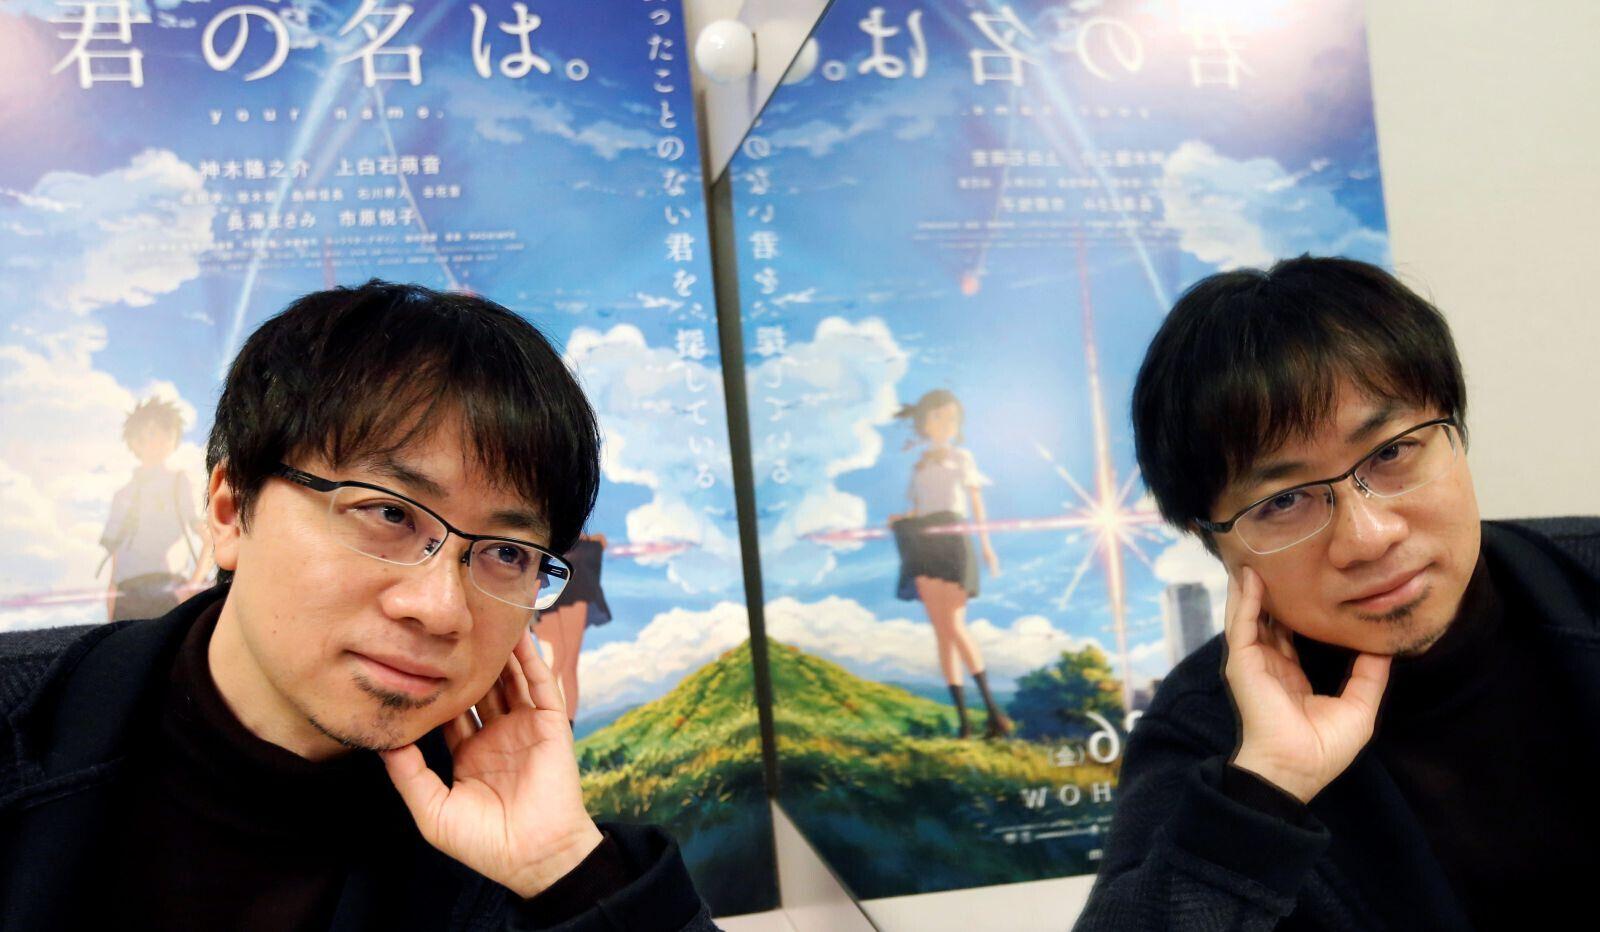 日本动画电影大获成功带动更多人从事配音演员工作